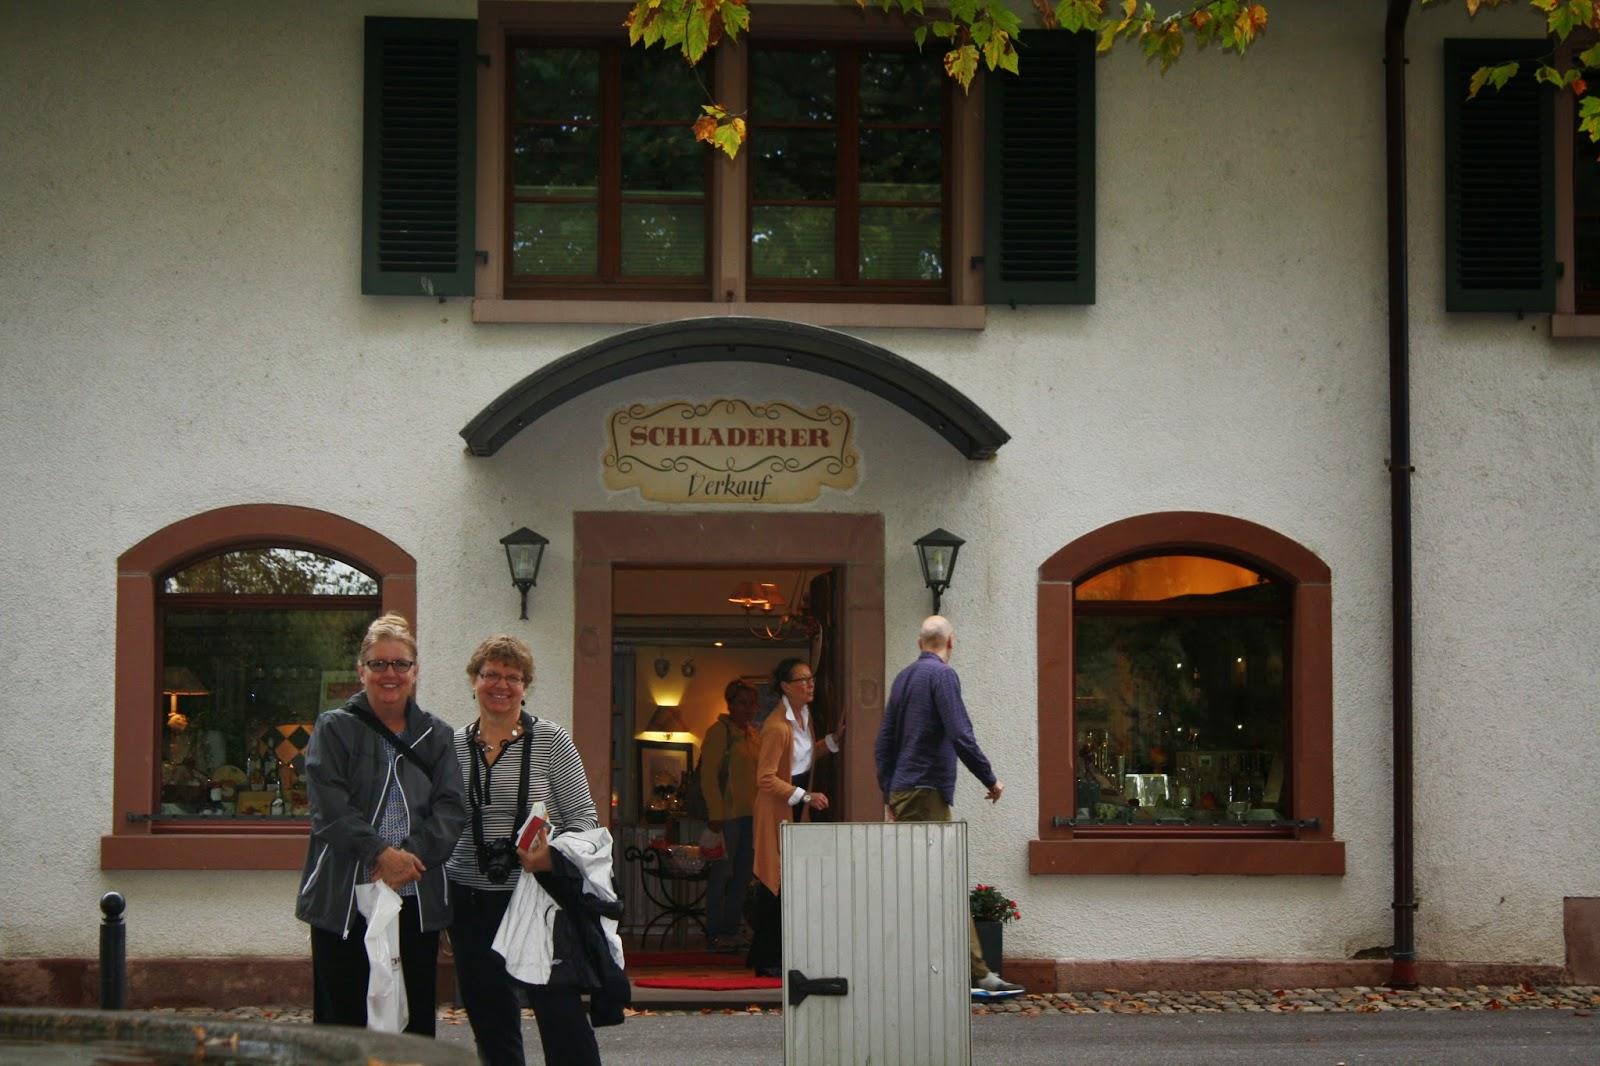 schnapps tasting Staufen Germany